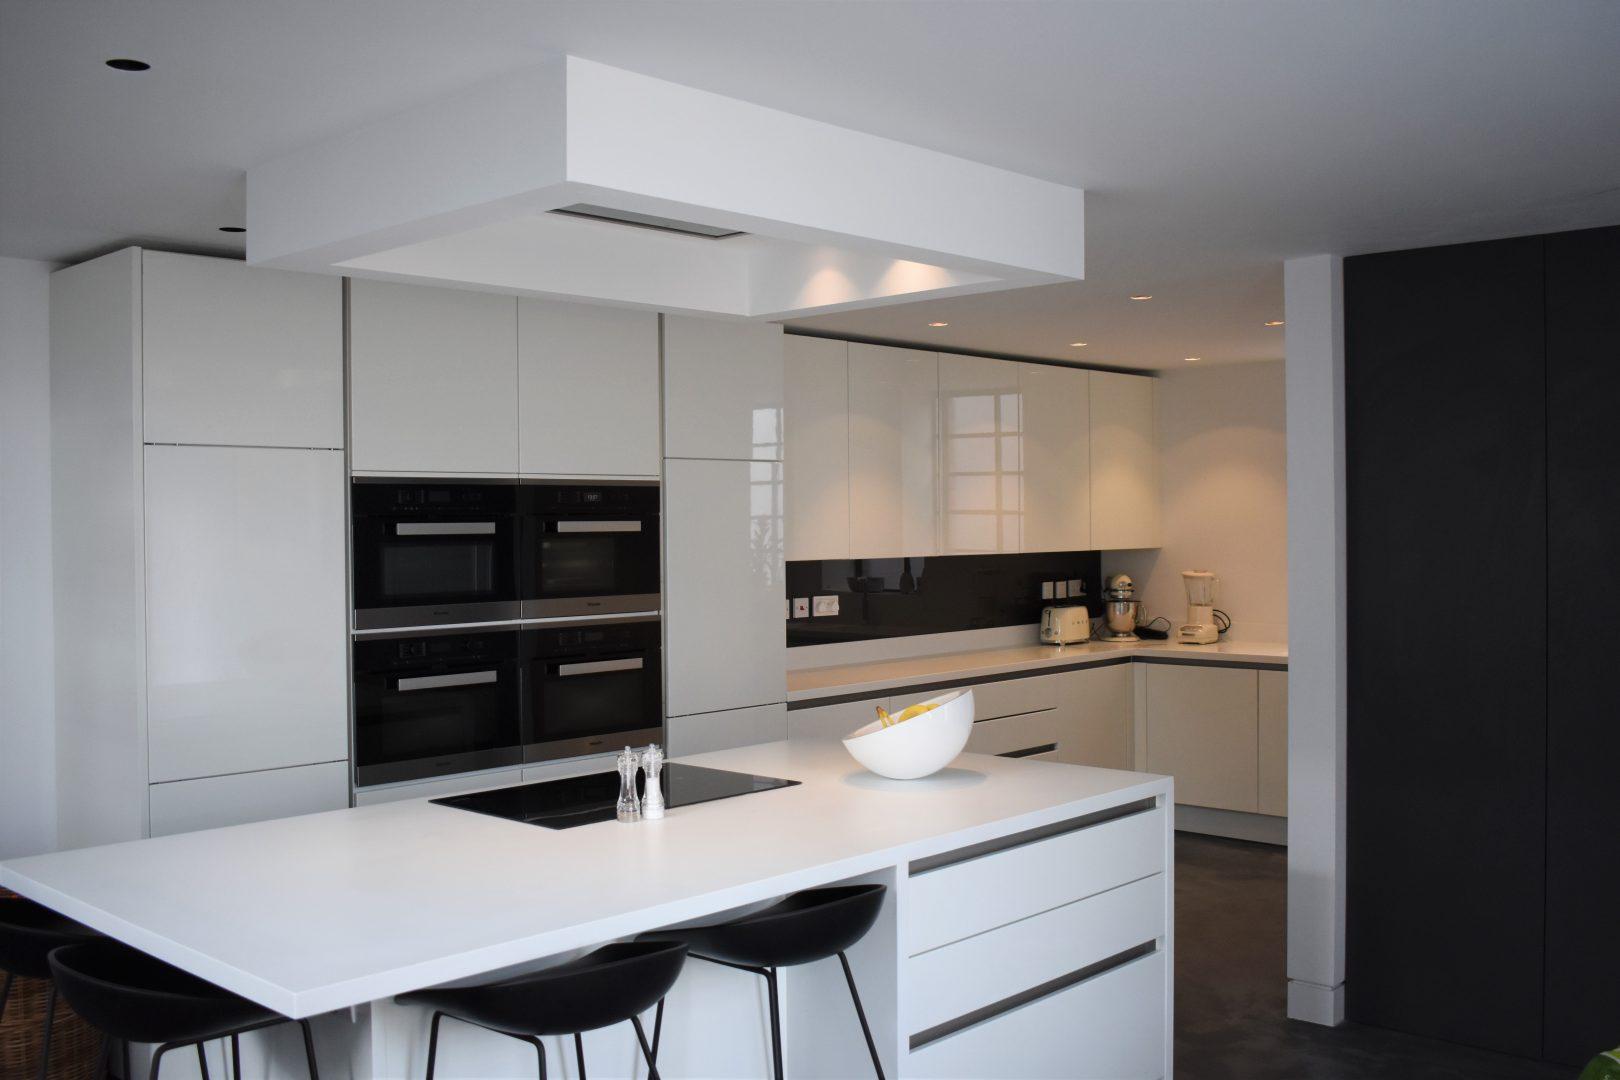 Minimalist white and black kitchen